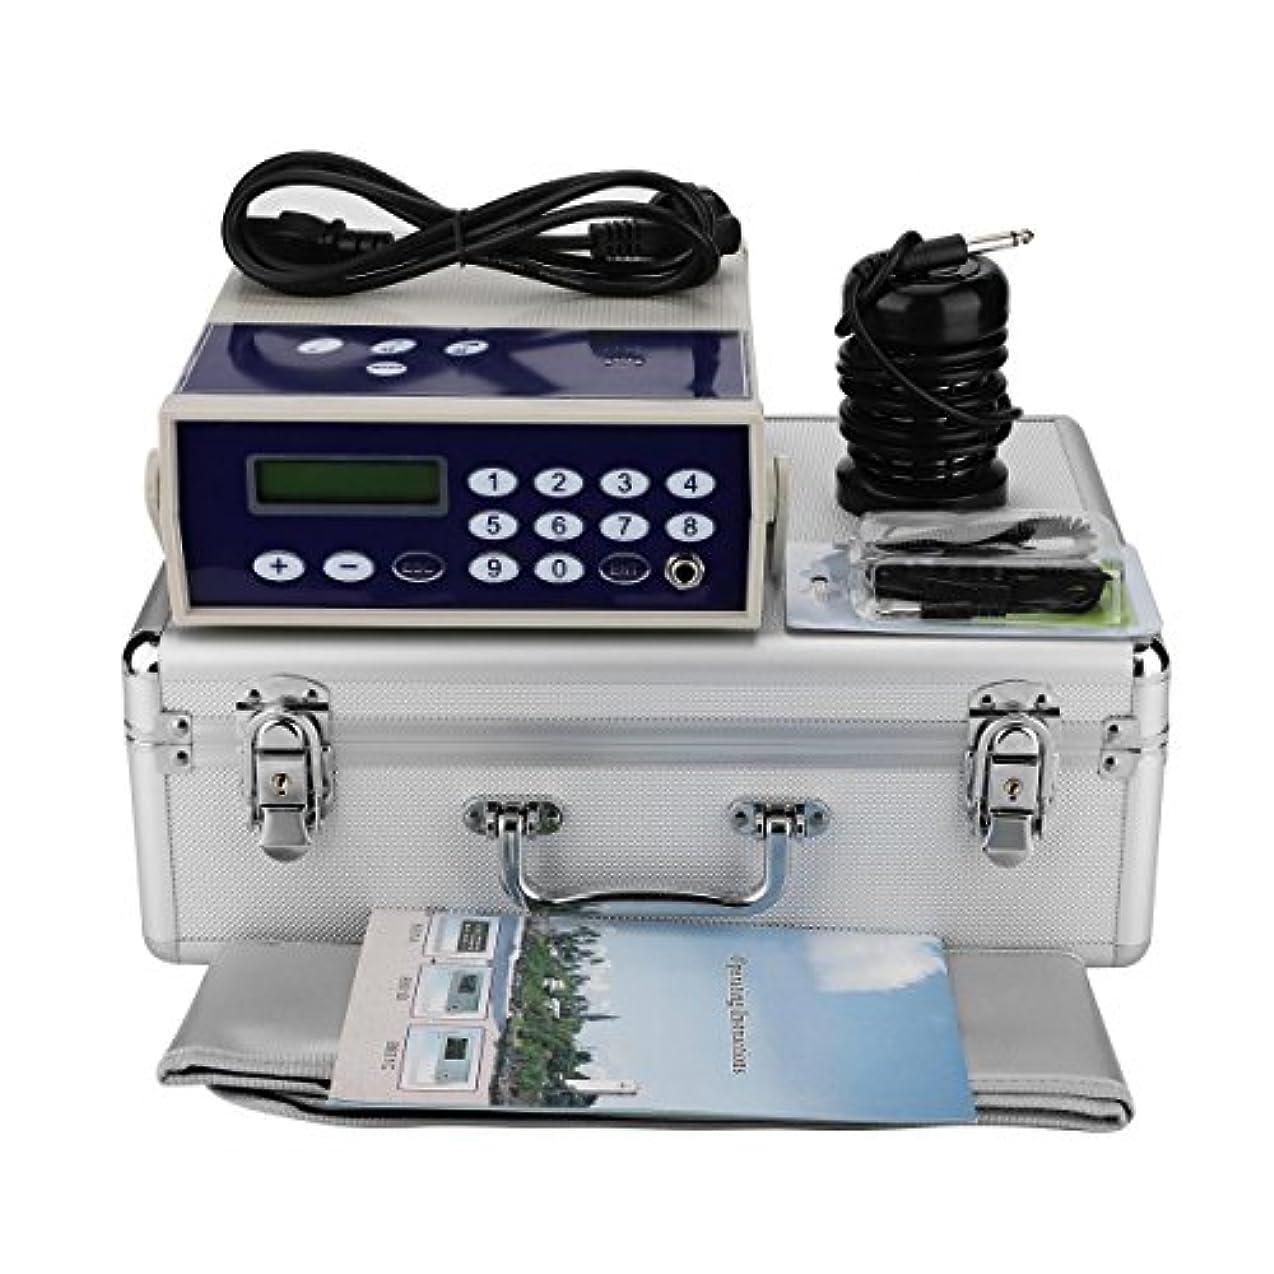 パイプとしてルアーイオンフットバスデトックスマシン、プロフェッショナルイオンイオンアレイボディデトックスマシンスパ赤外線腰ベルトで浄化(110-220V)